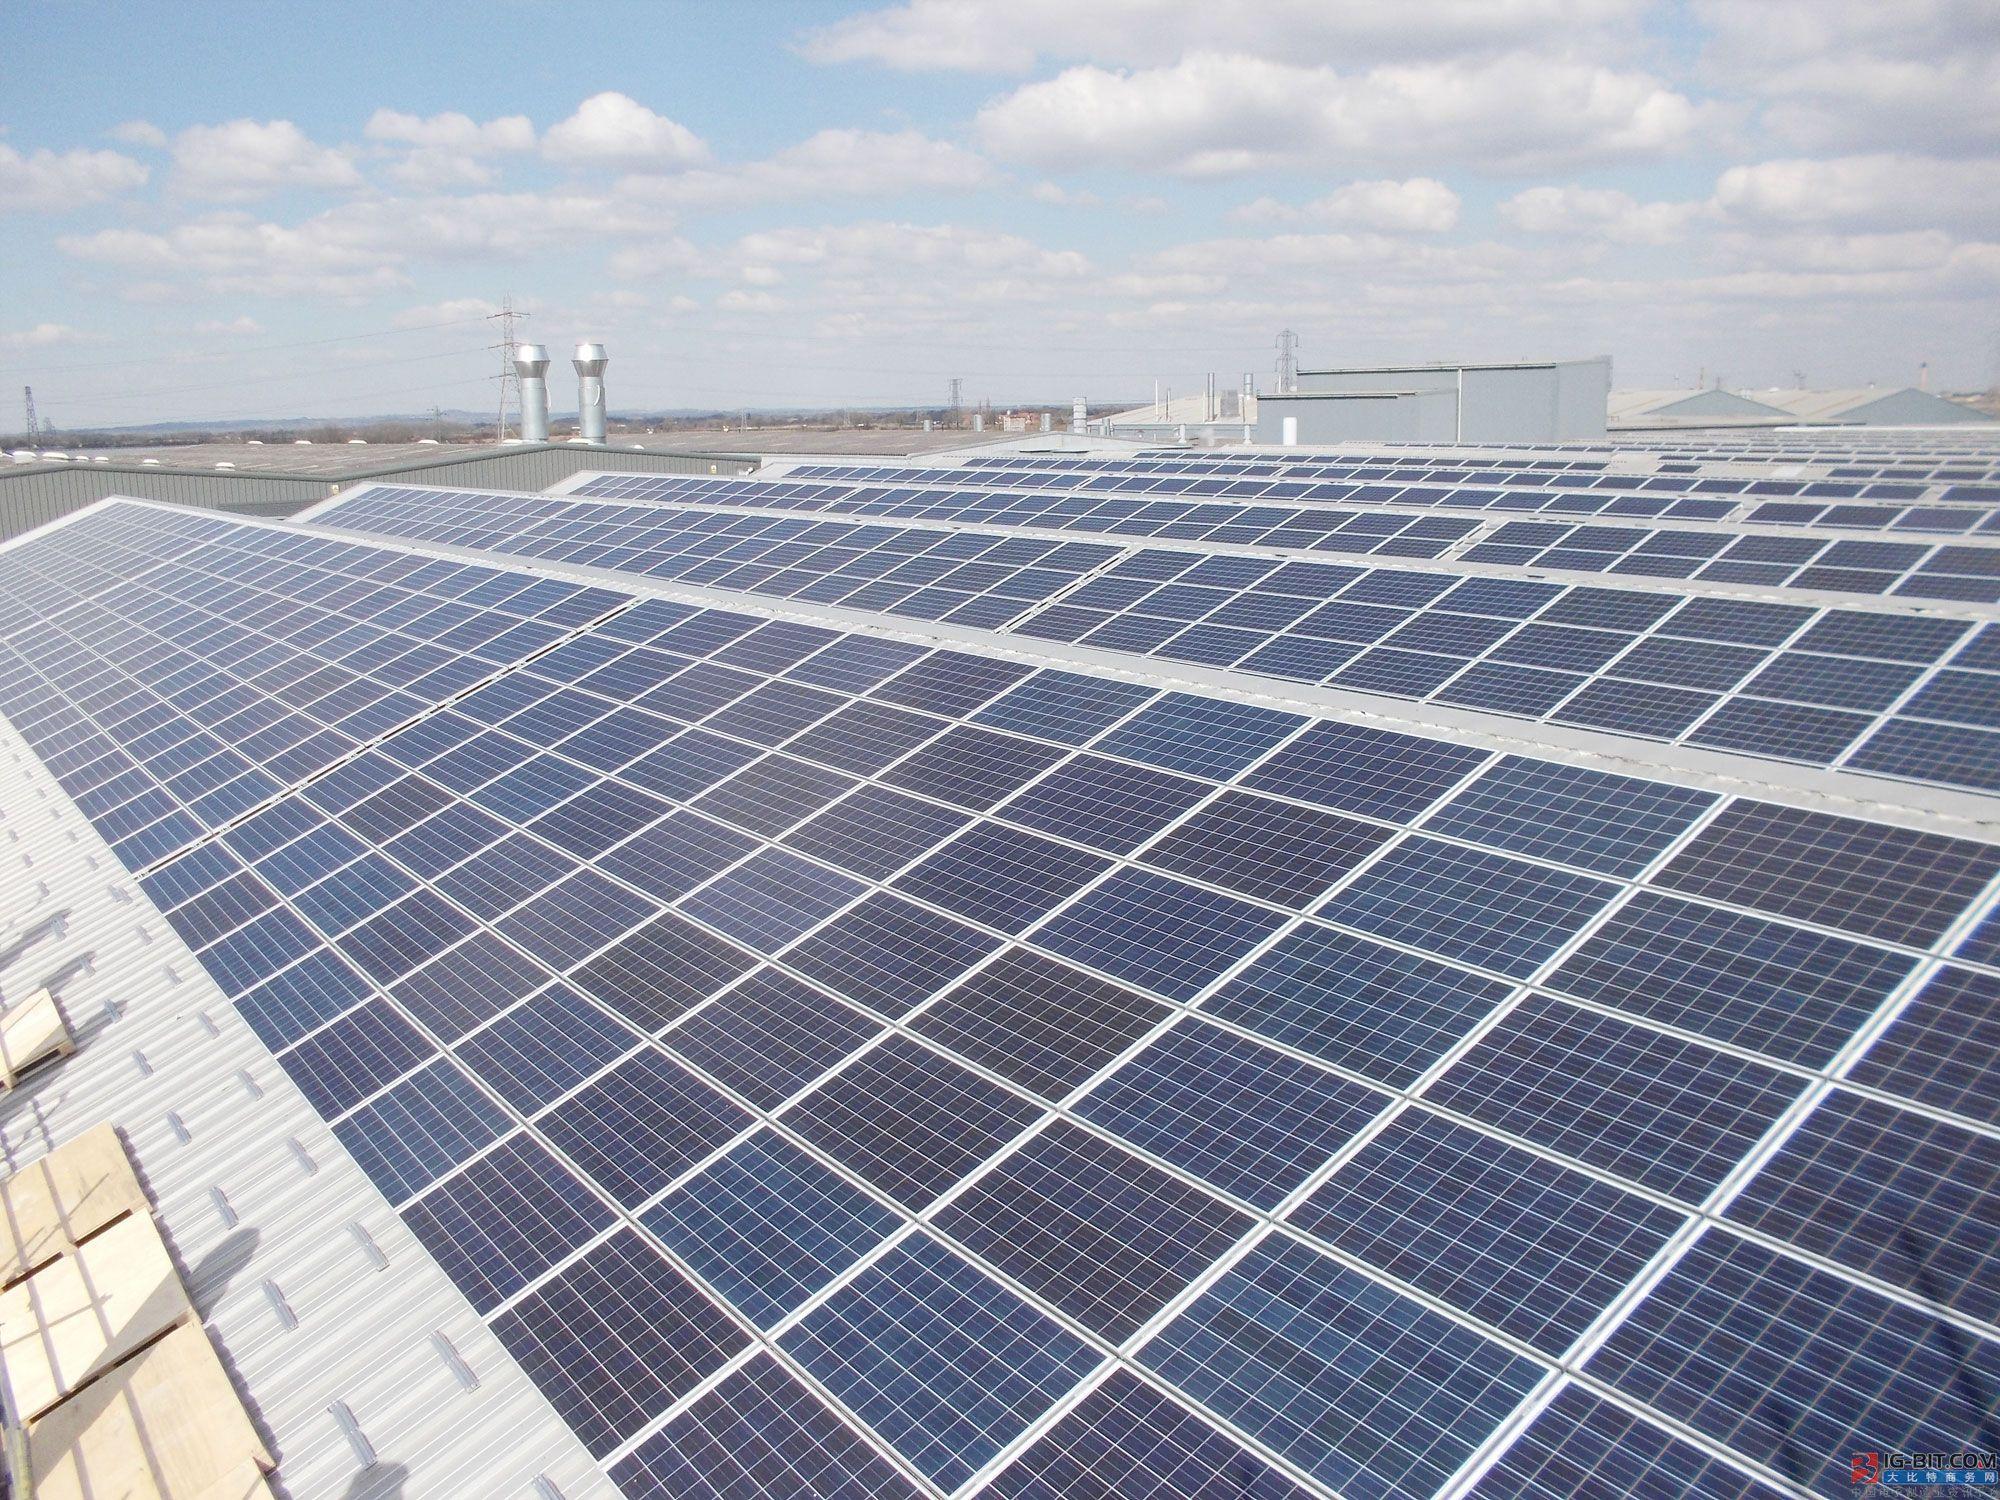 6吉瓦光伏装机 主要为屋顶太阳能图片